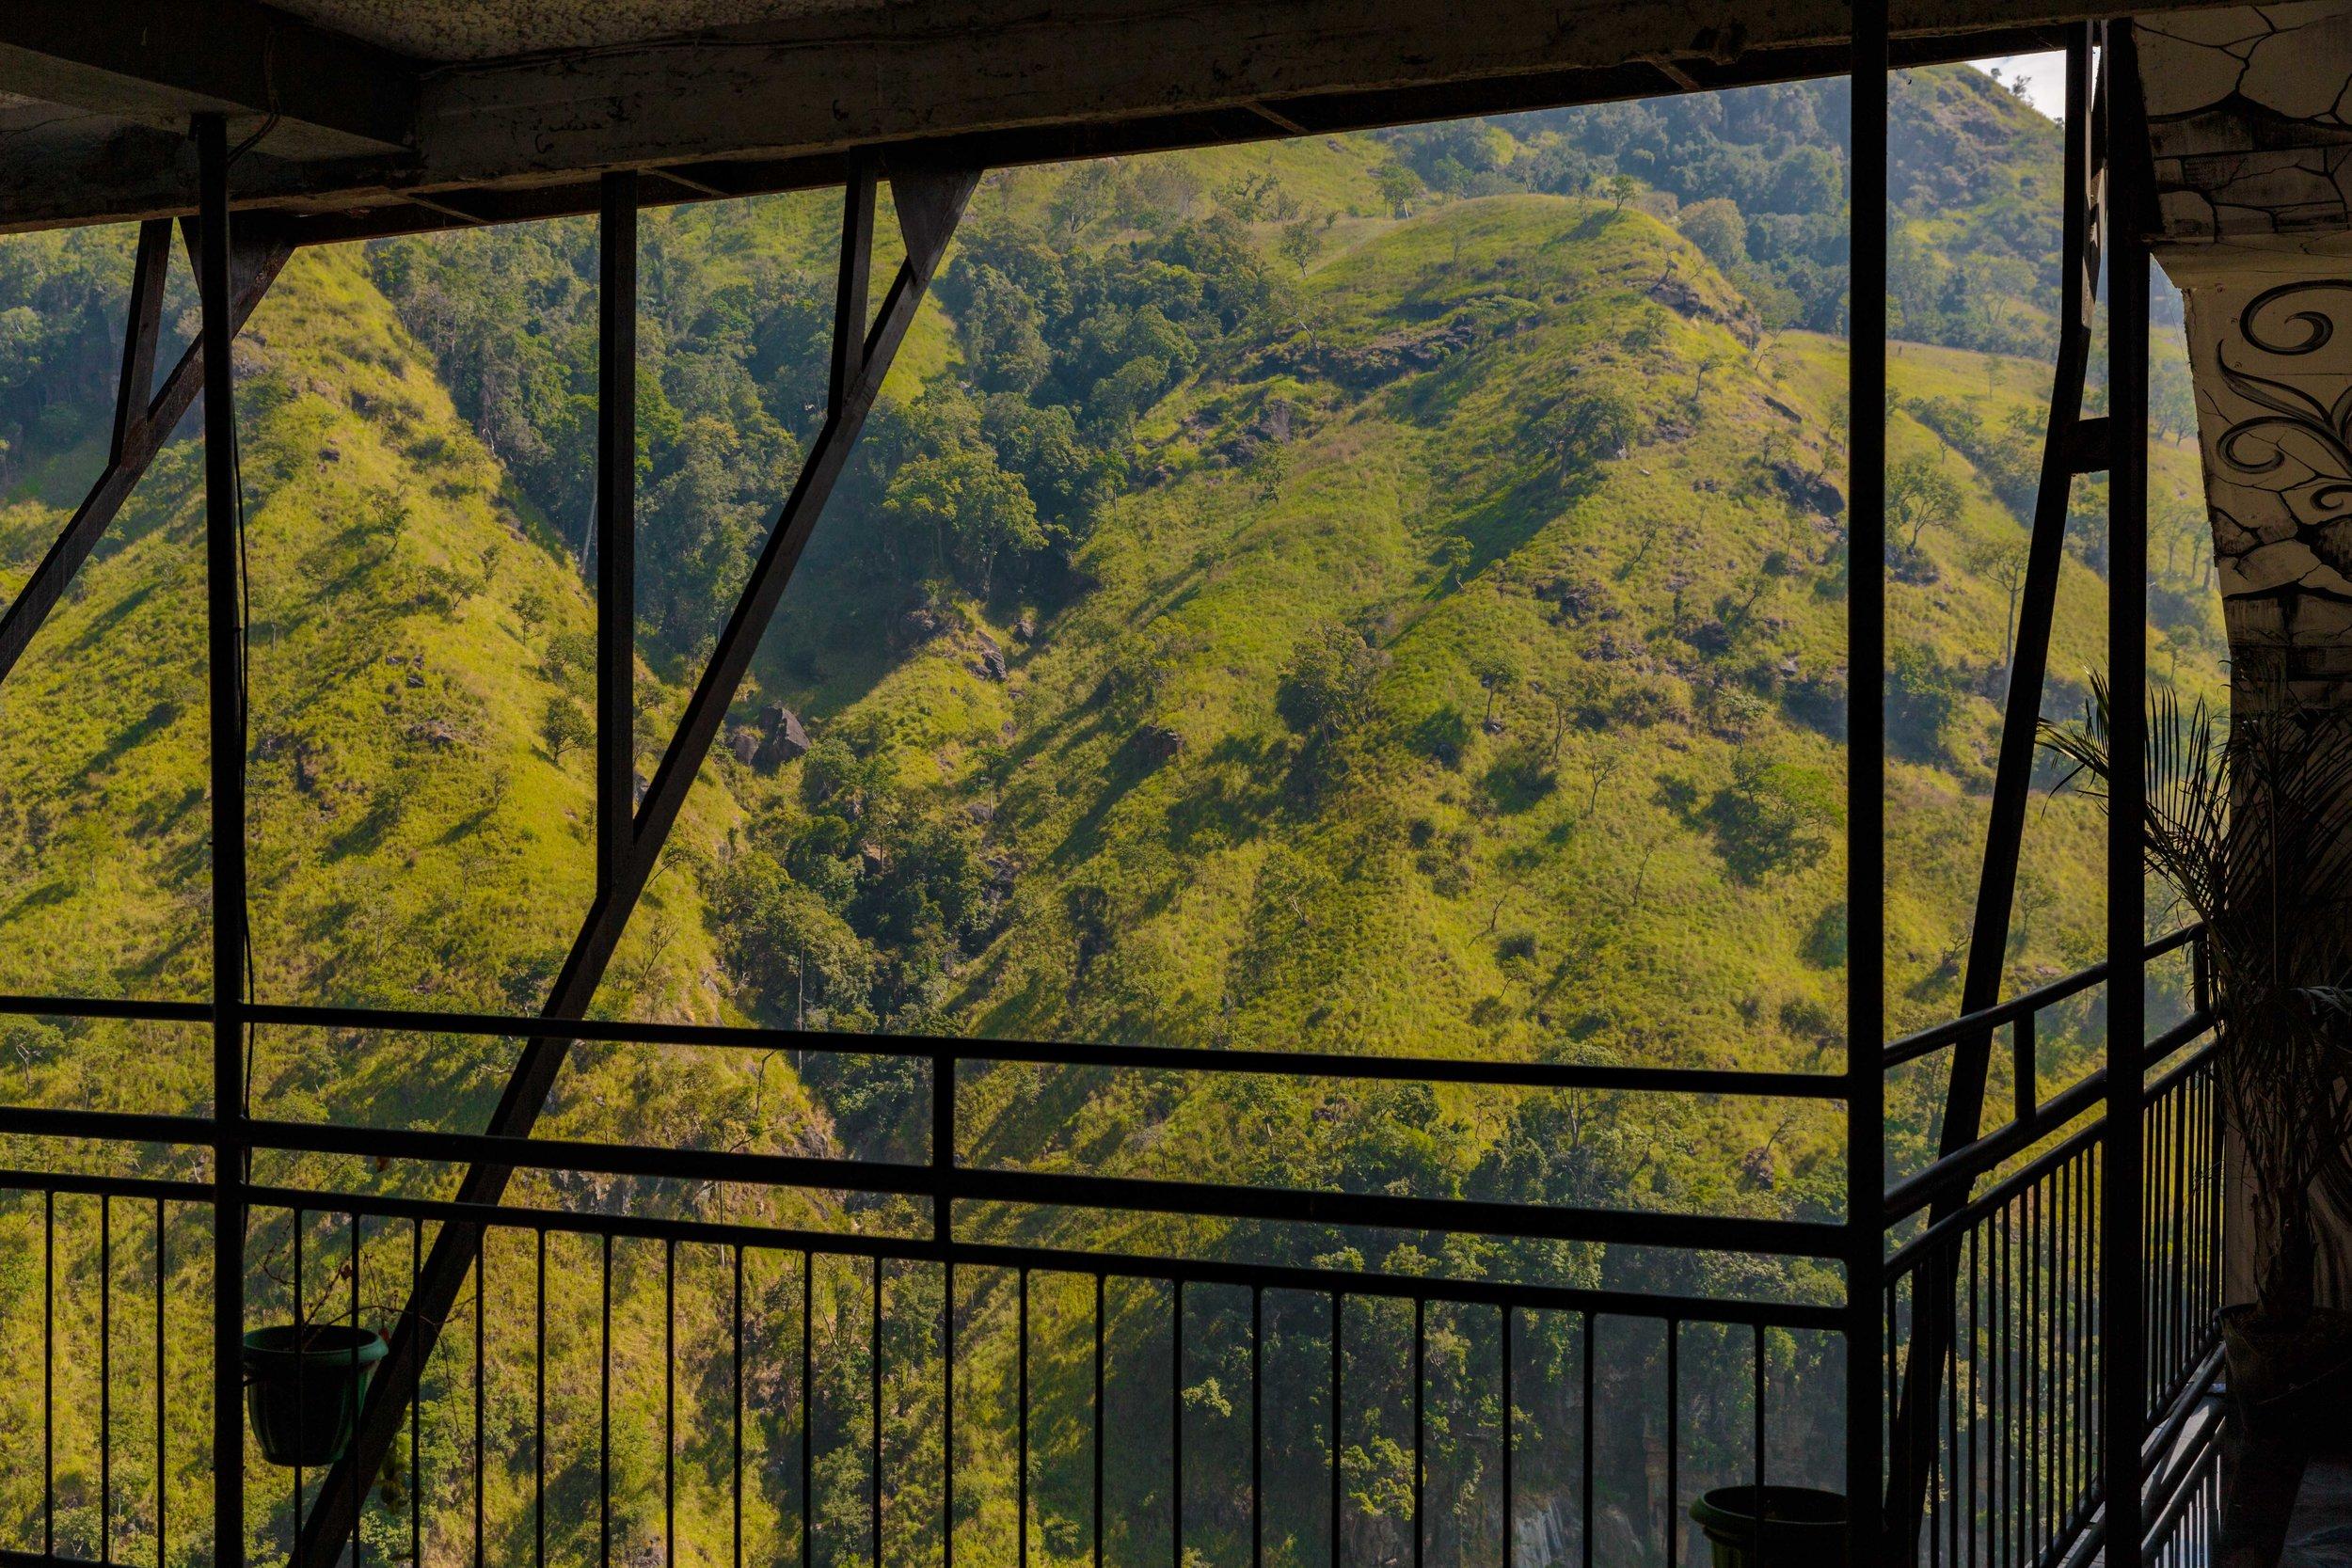 The imposing hillside.